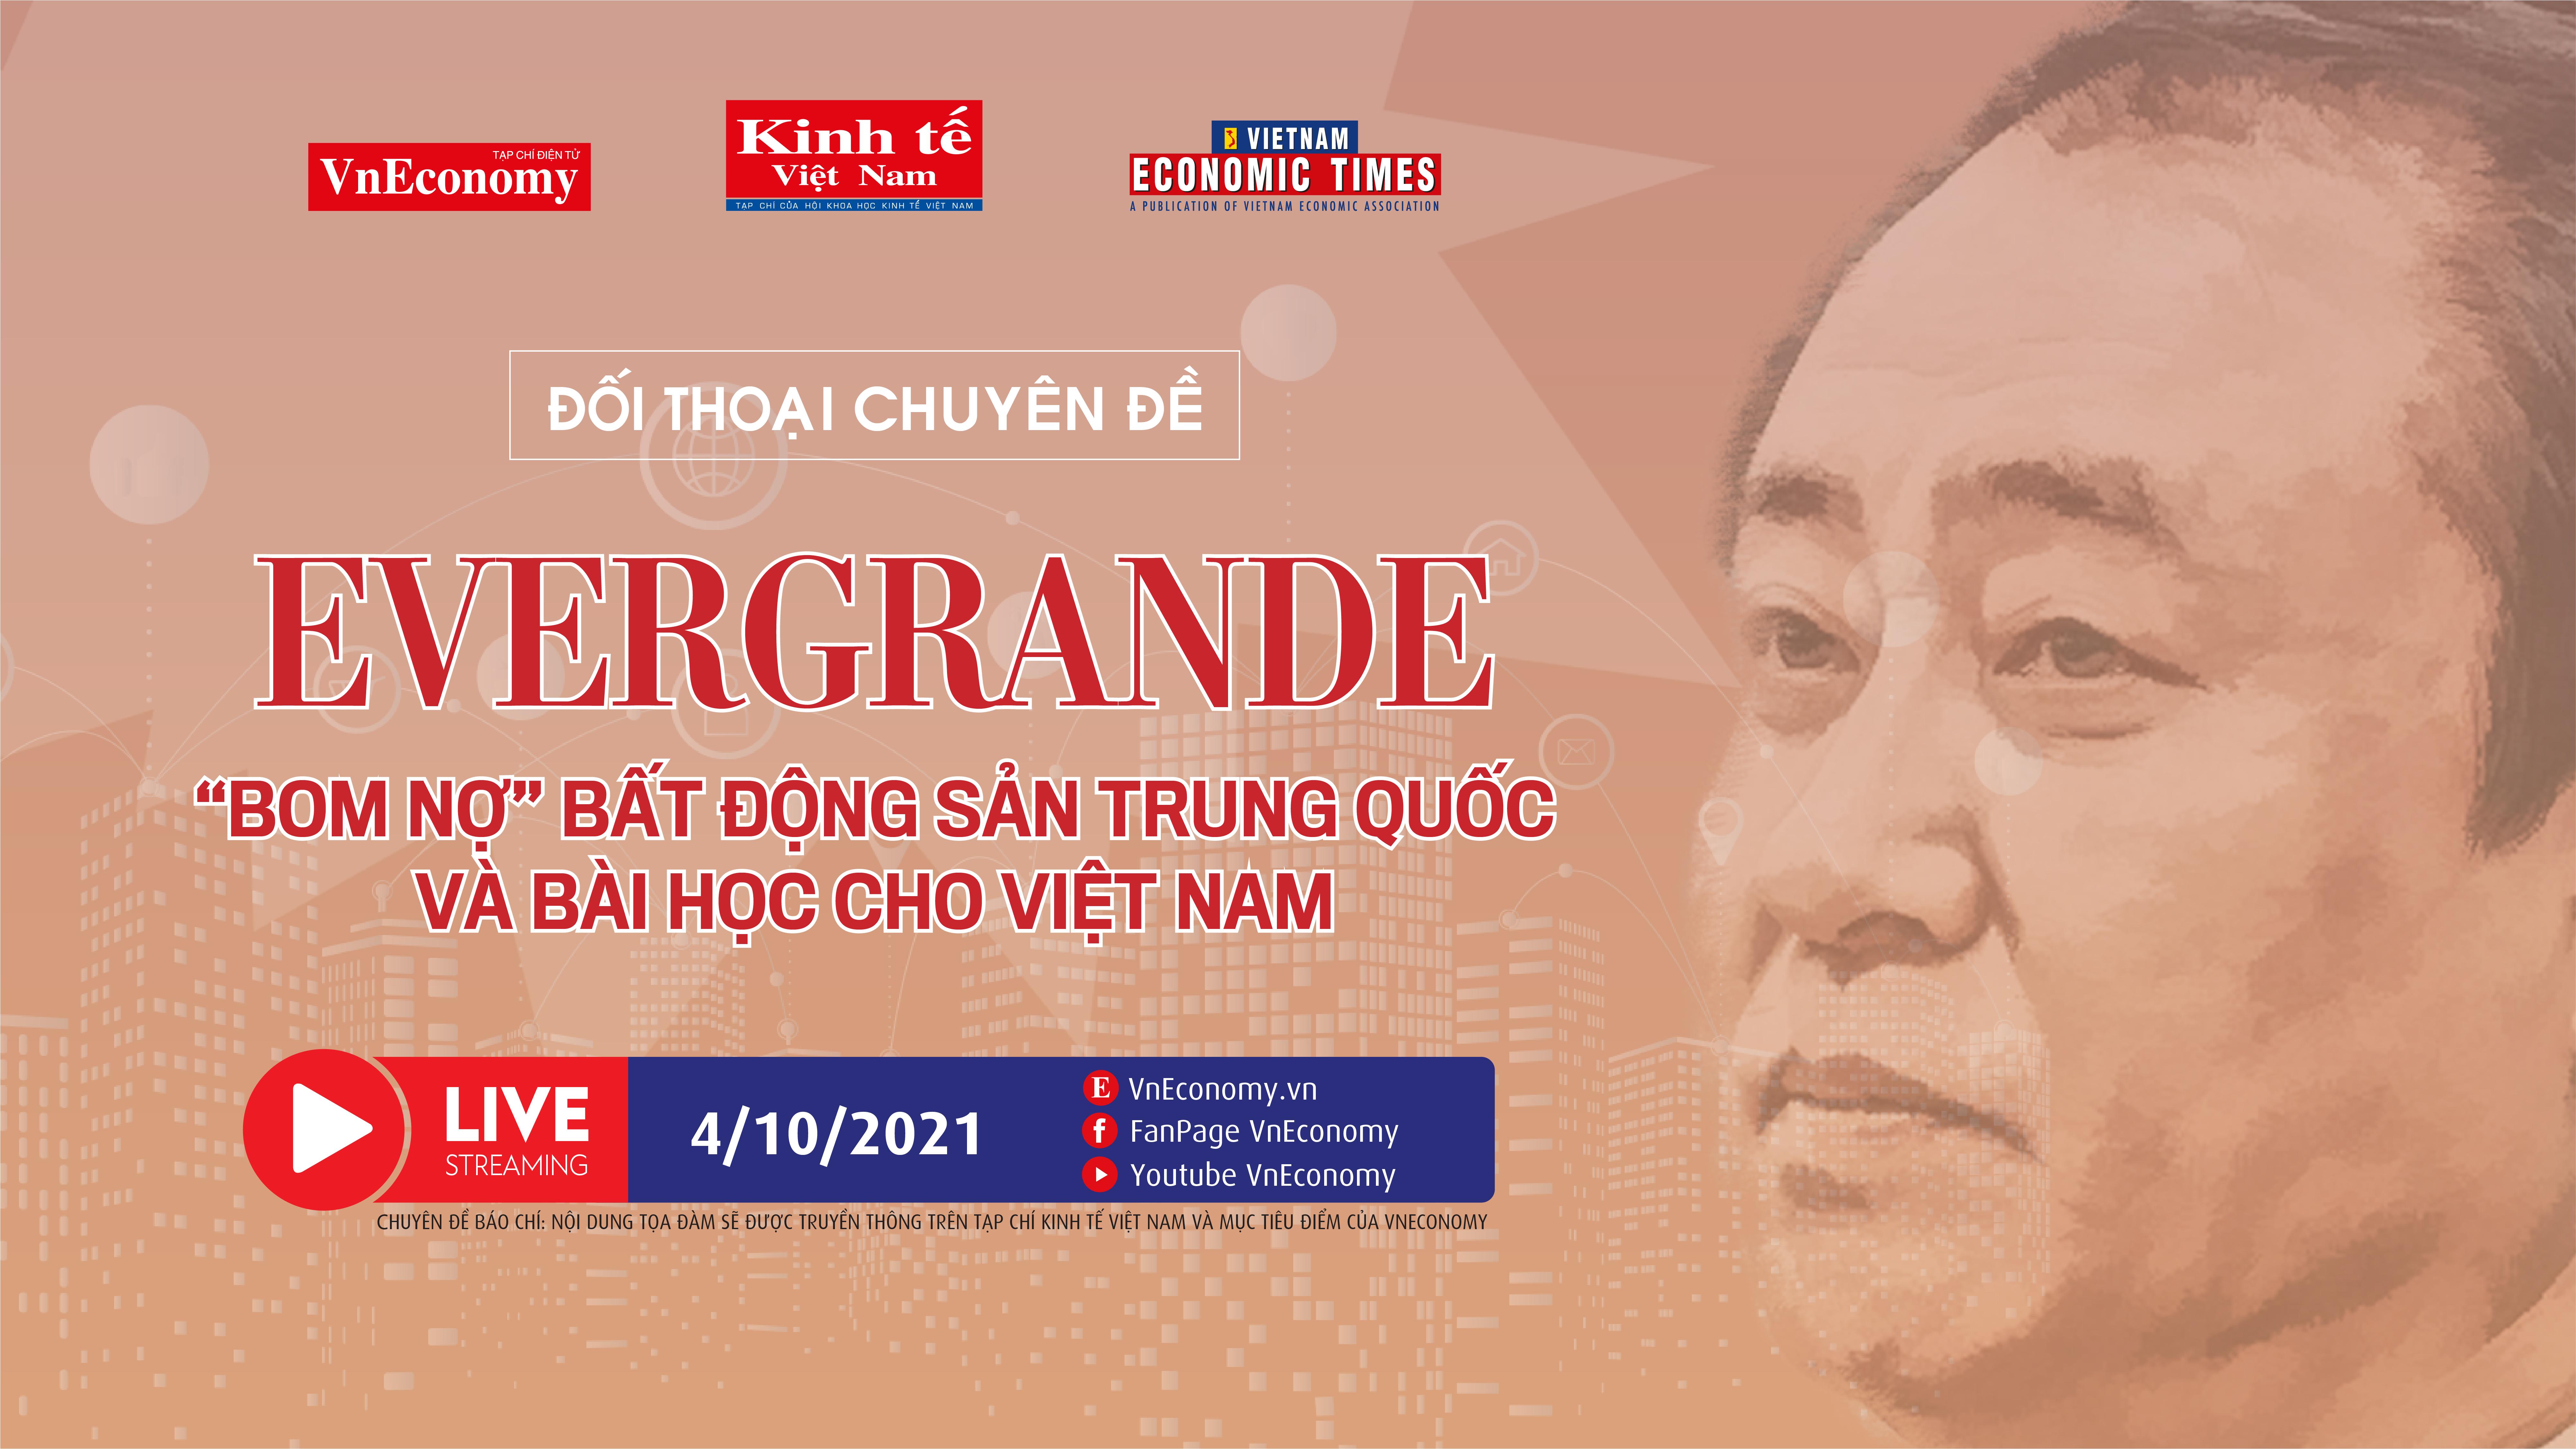 """Đối thoại chuyên đề: """"Evergrande: 'Bom nợ' bất động sản Trung Quốc và bài học cho Việt Nam"""" - Ảnh 3"""